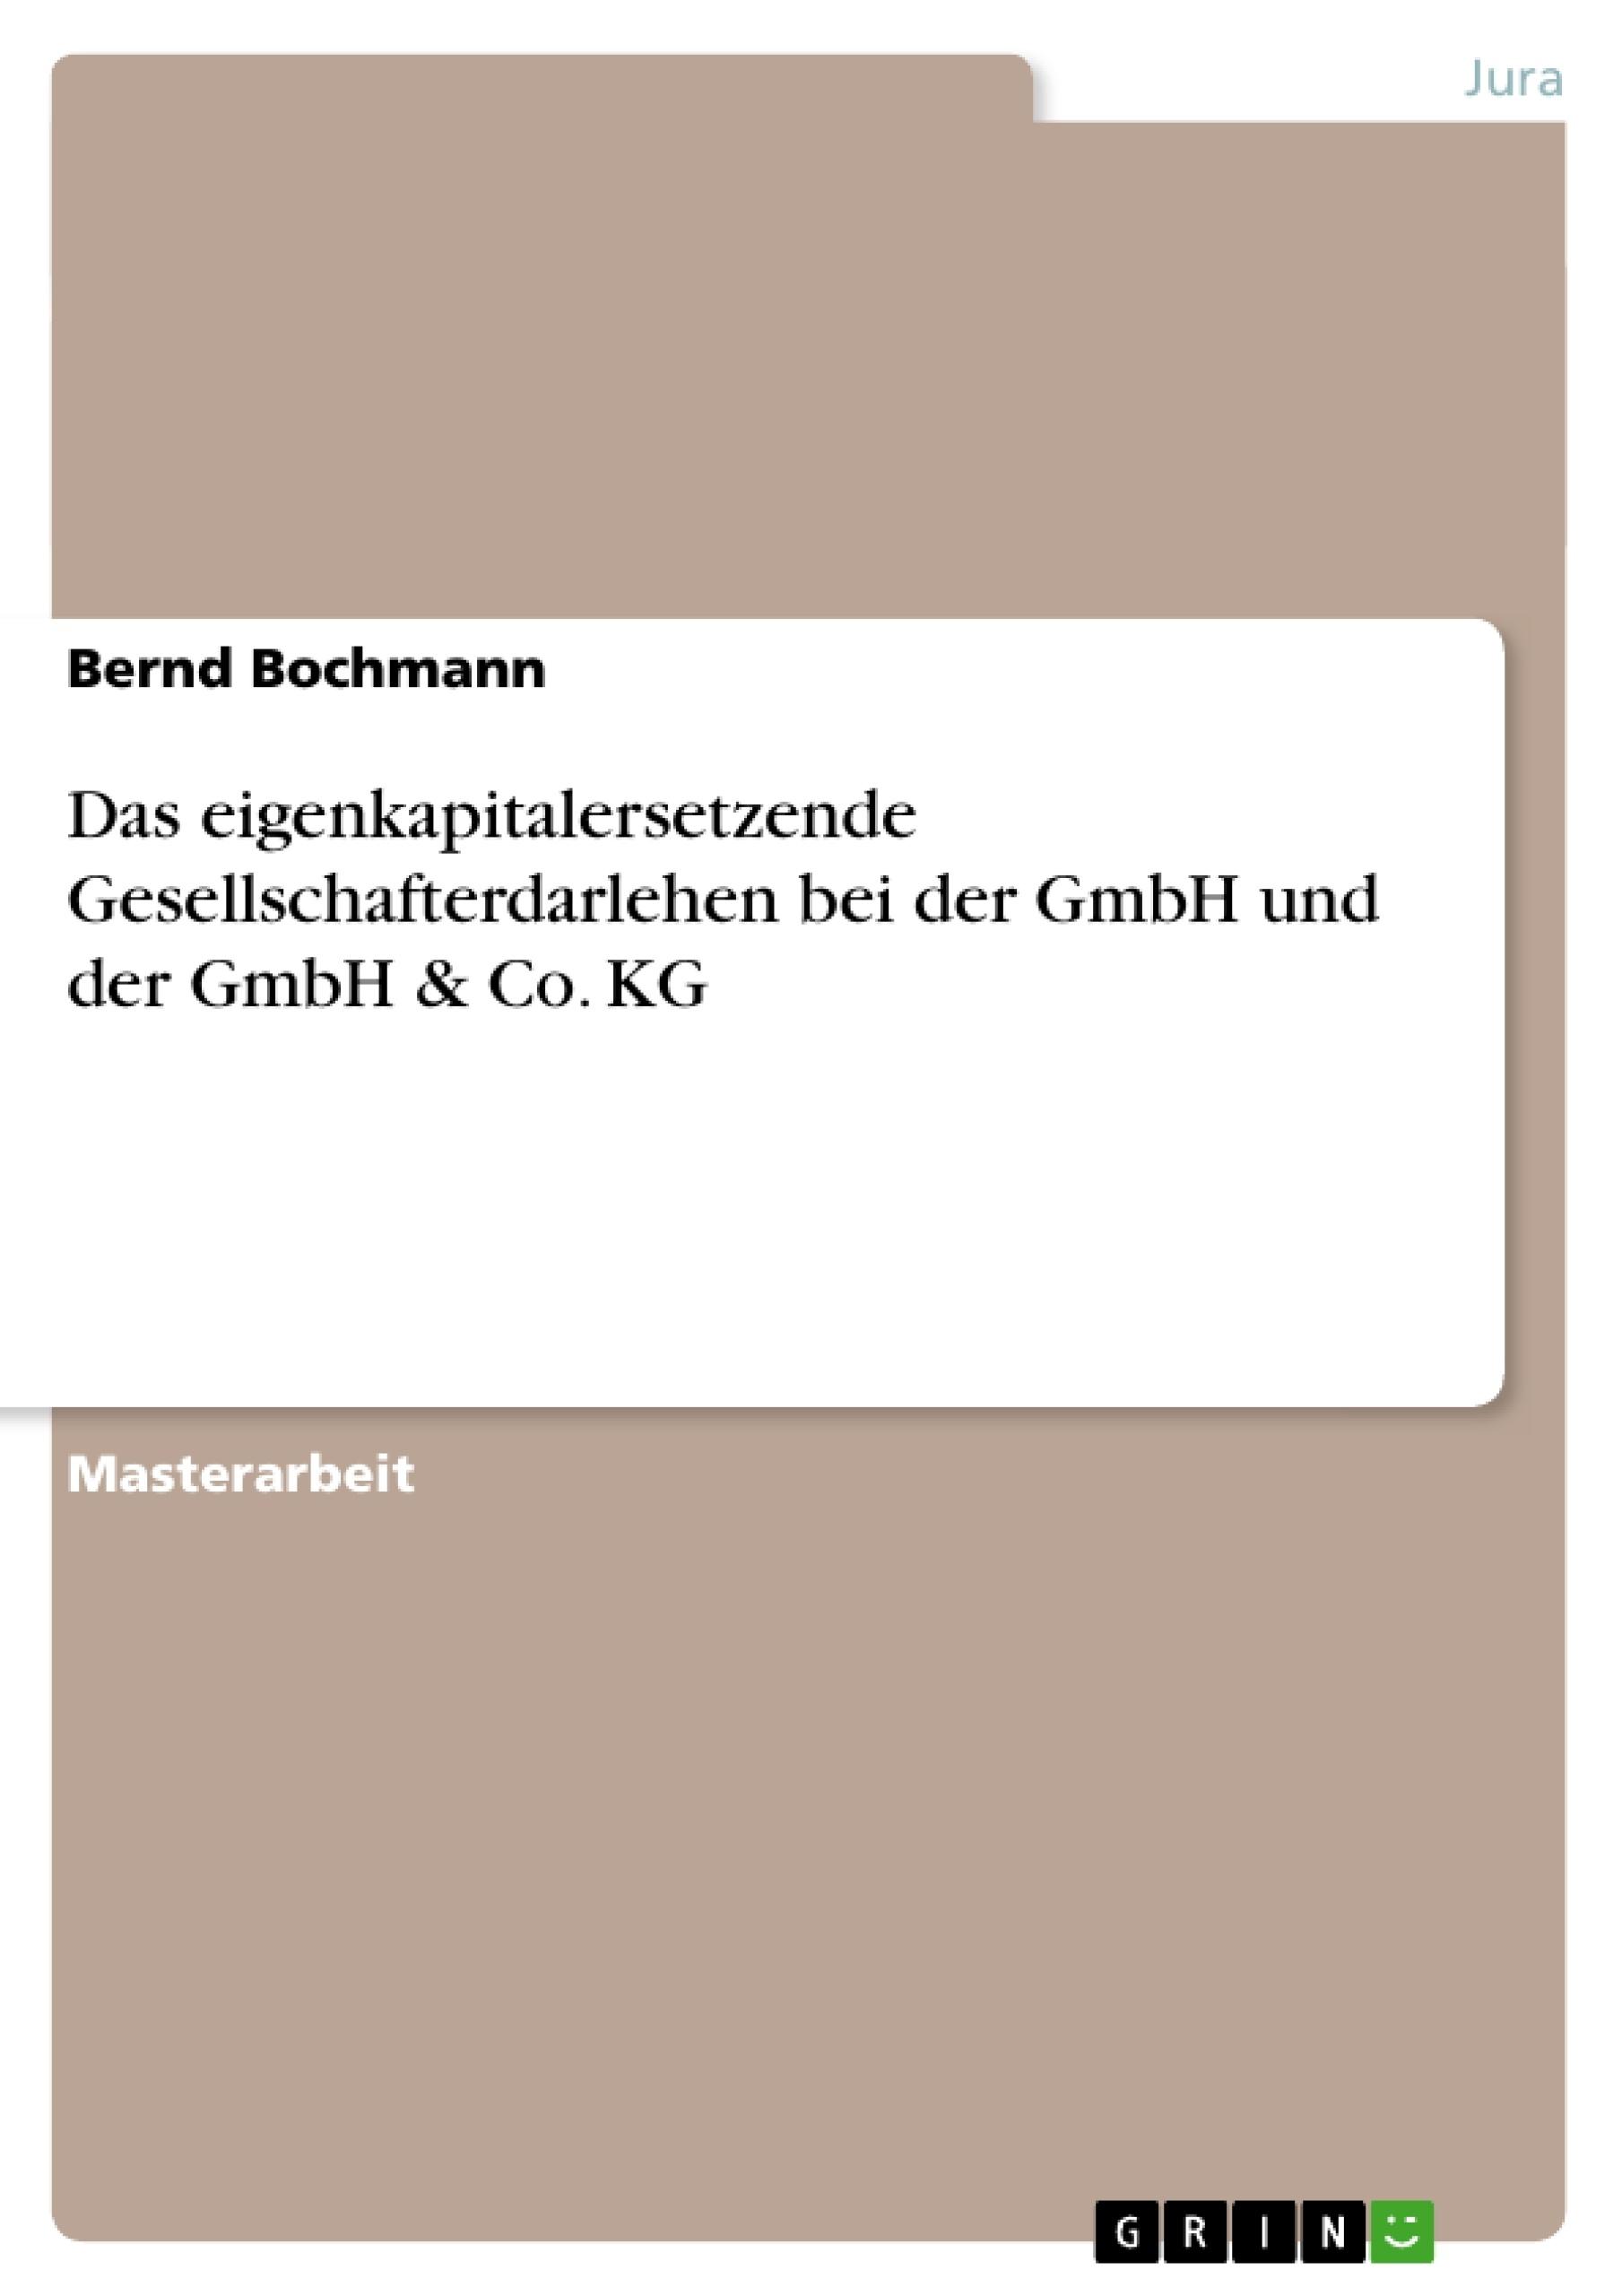 Titel: Das eigenkapitalersetzende Gesellschafterdarlehen bei der GmbH und der GmbH & Co. KG